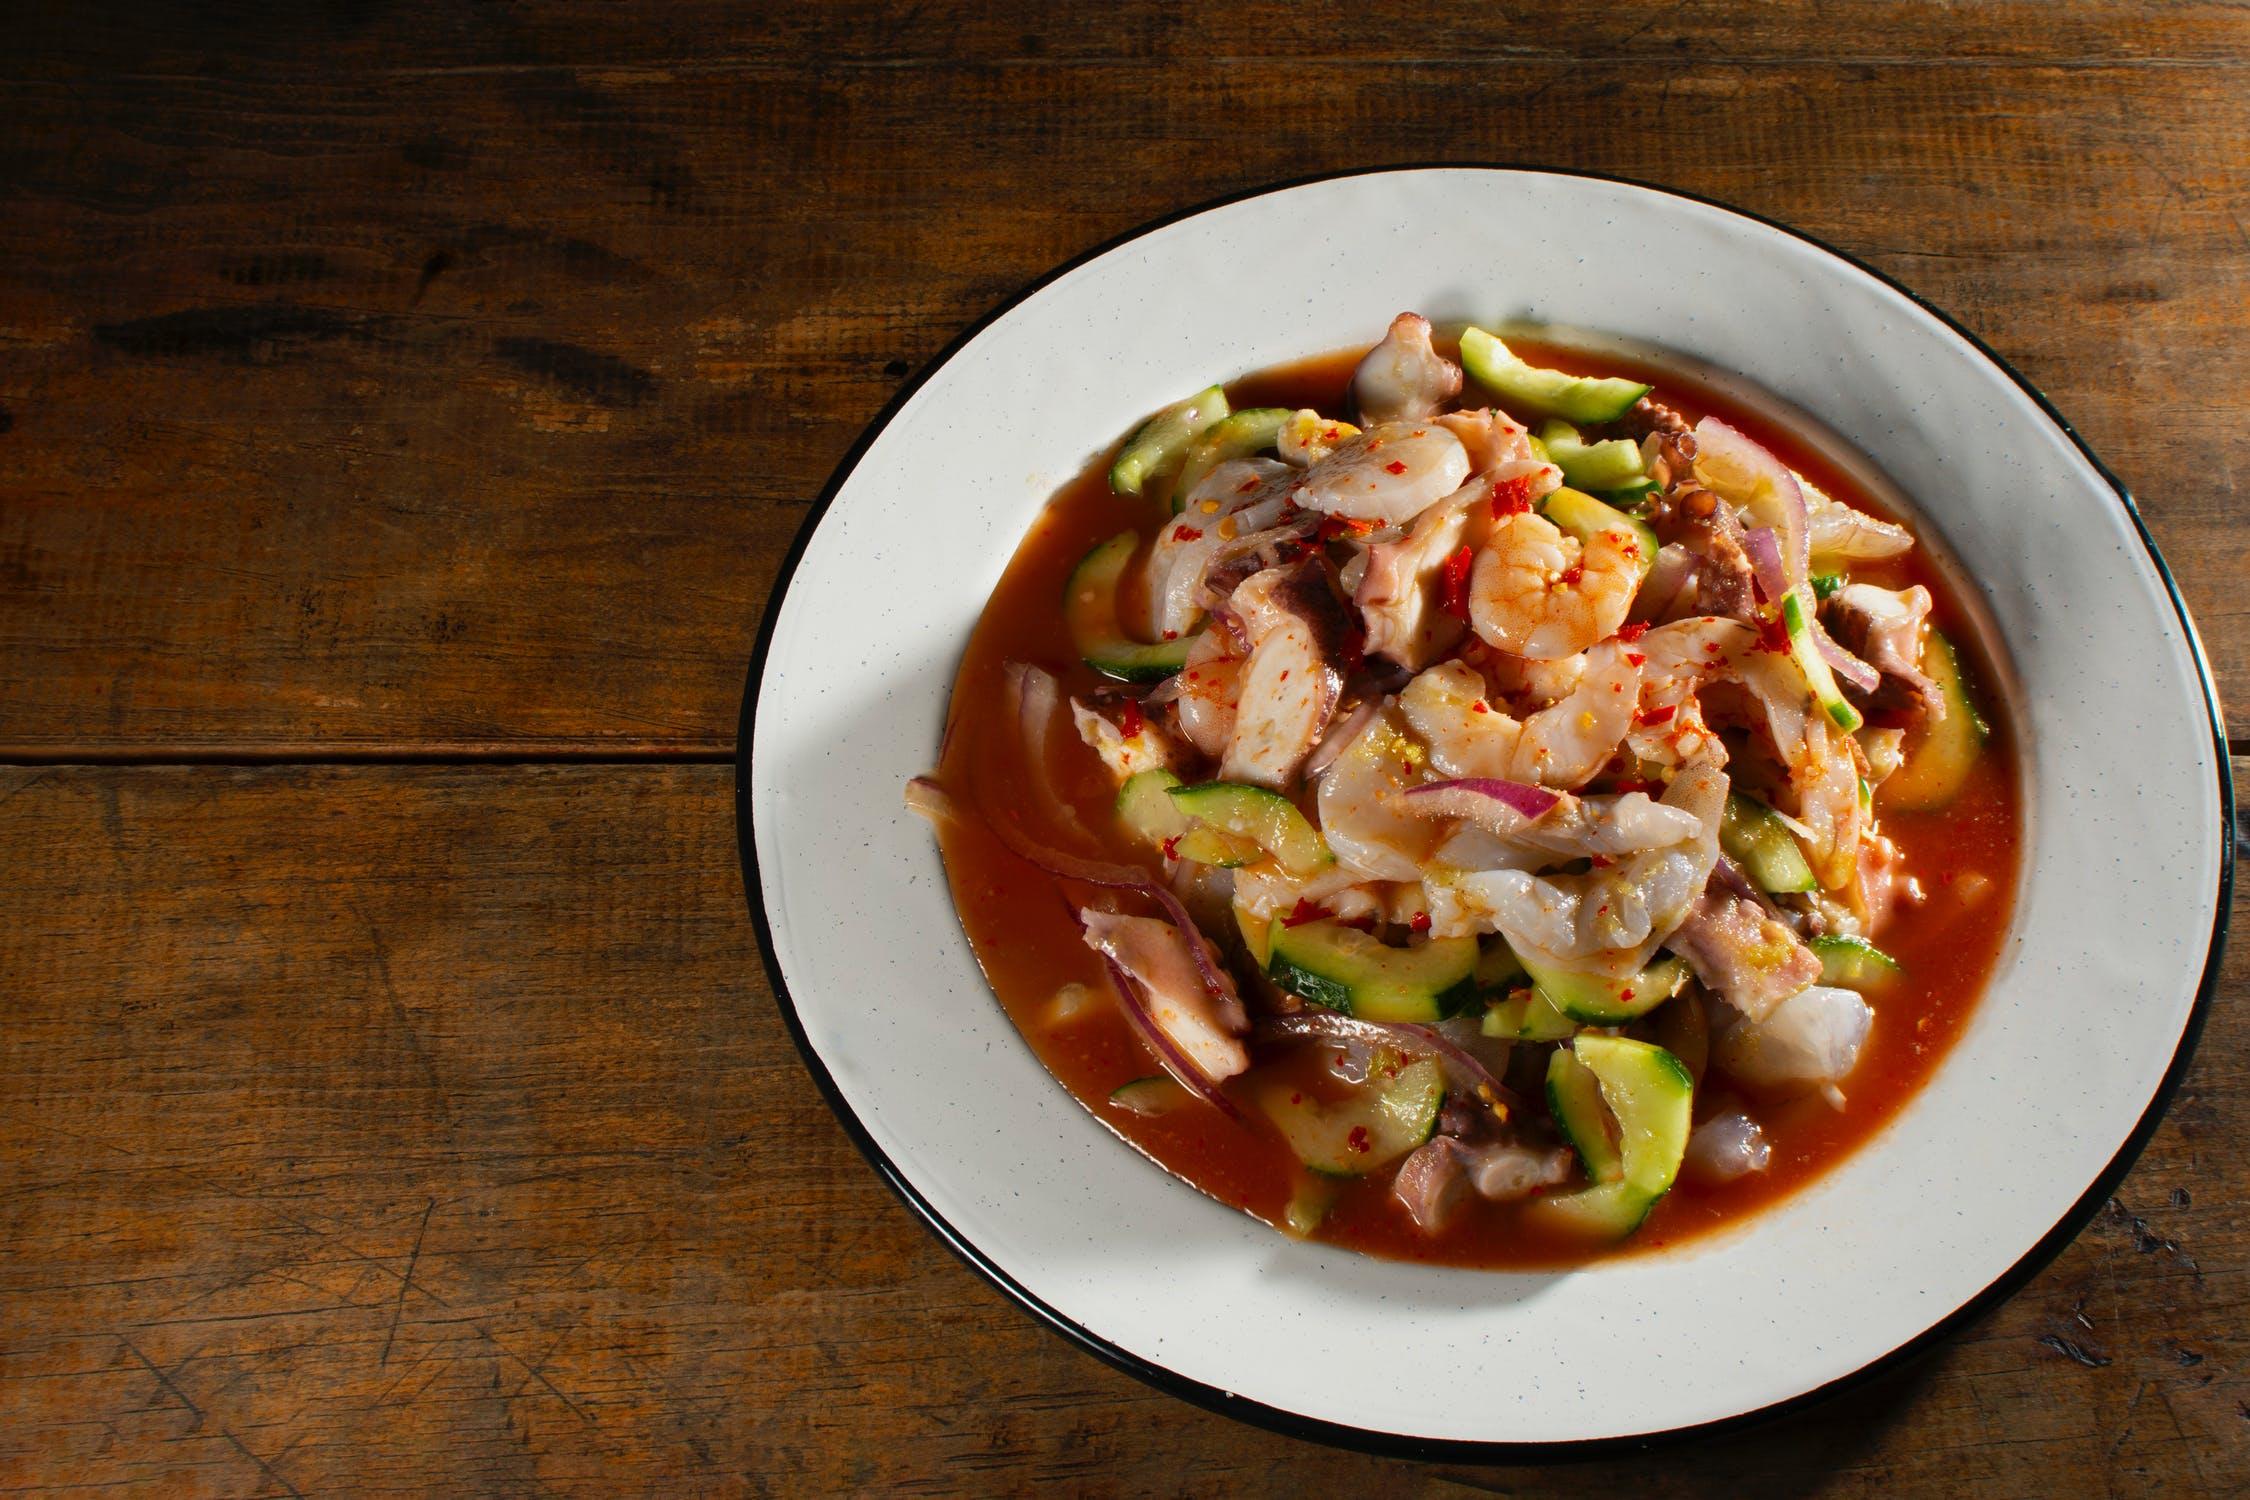 Asopao de Camarone, food in Dominican Republic, Dominican Republic food, Dominican Republic dishes, Dominican Republic Cuisine, traditional food in Dominican Republic